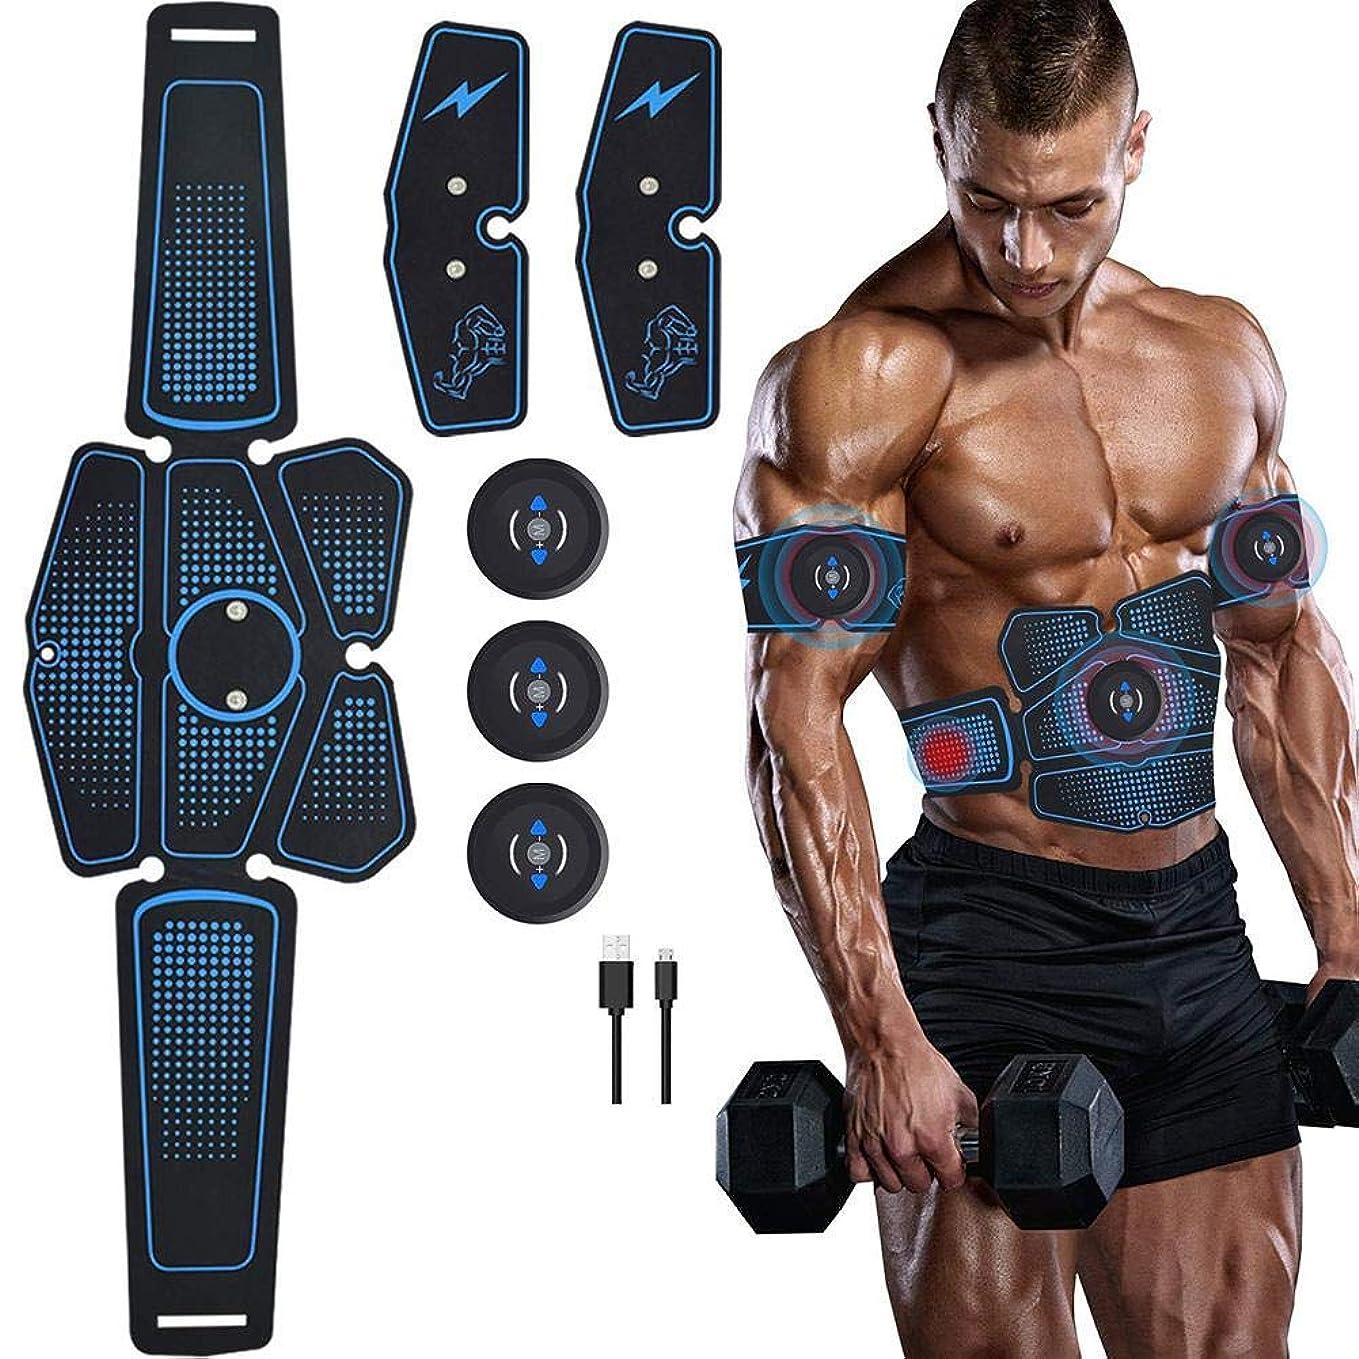 不透明な減る確認する電気腹部筋肉刺激装置、ABSウエストトレーナーフィットネス減量体重減少マッサージャー用男性と女性の脂肪燃焼